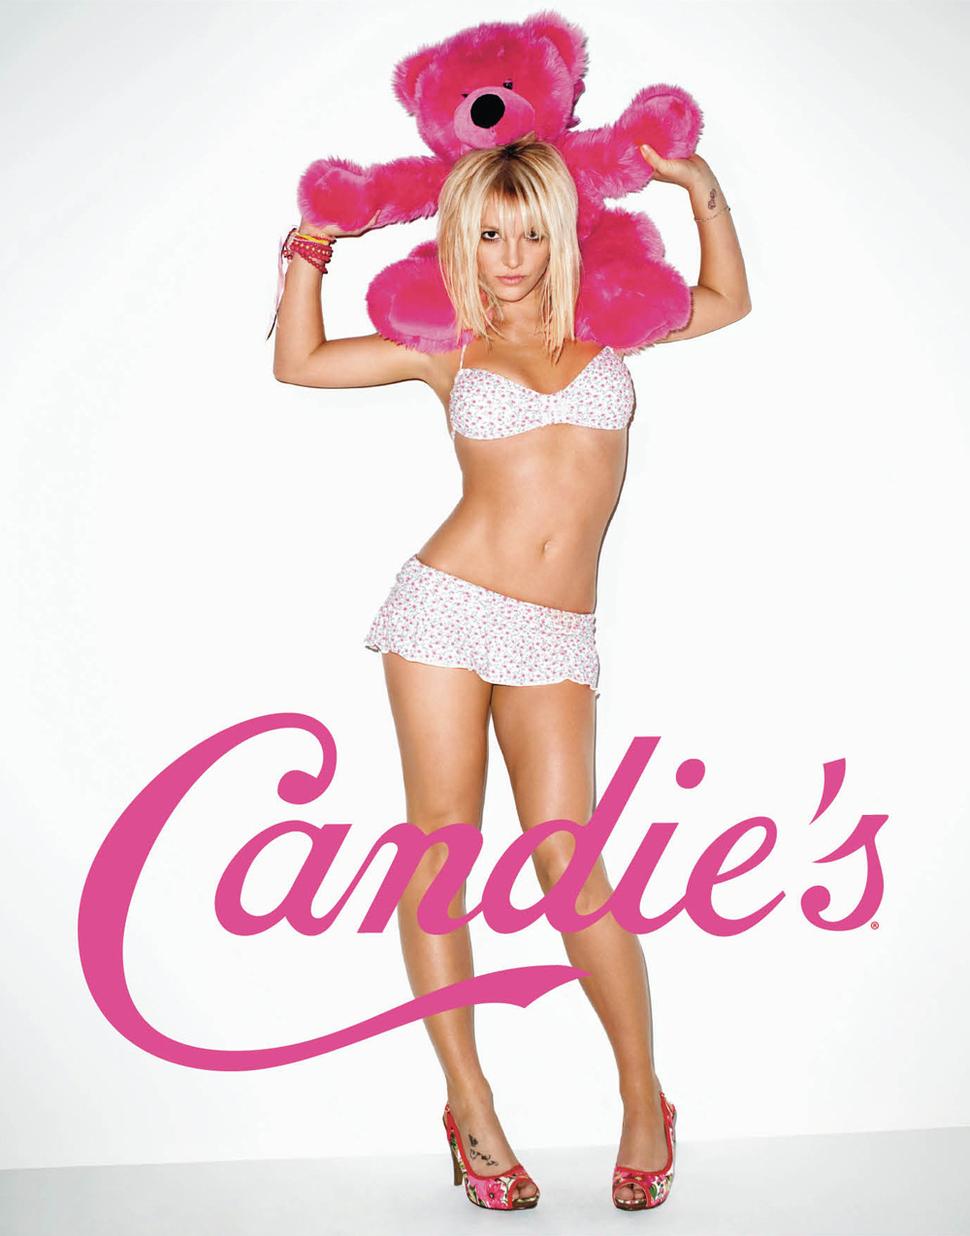 Еще несколько фото Бритни Спирс для рекламы Candies 2010